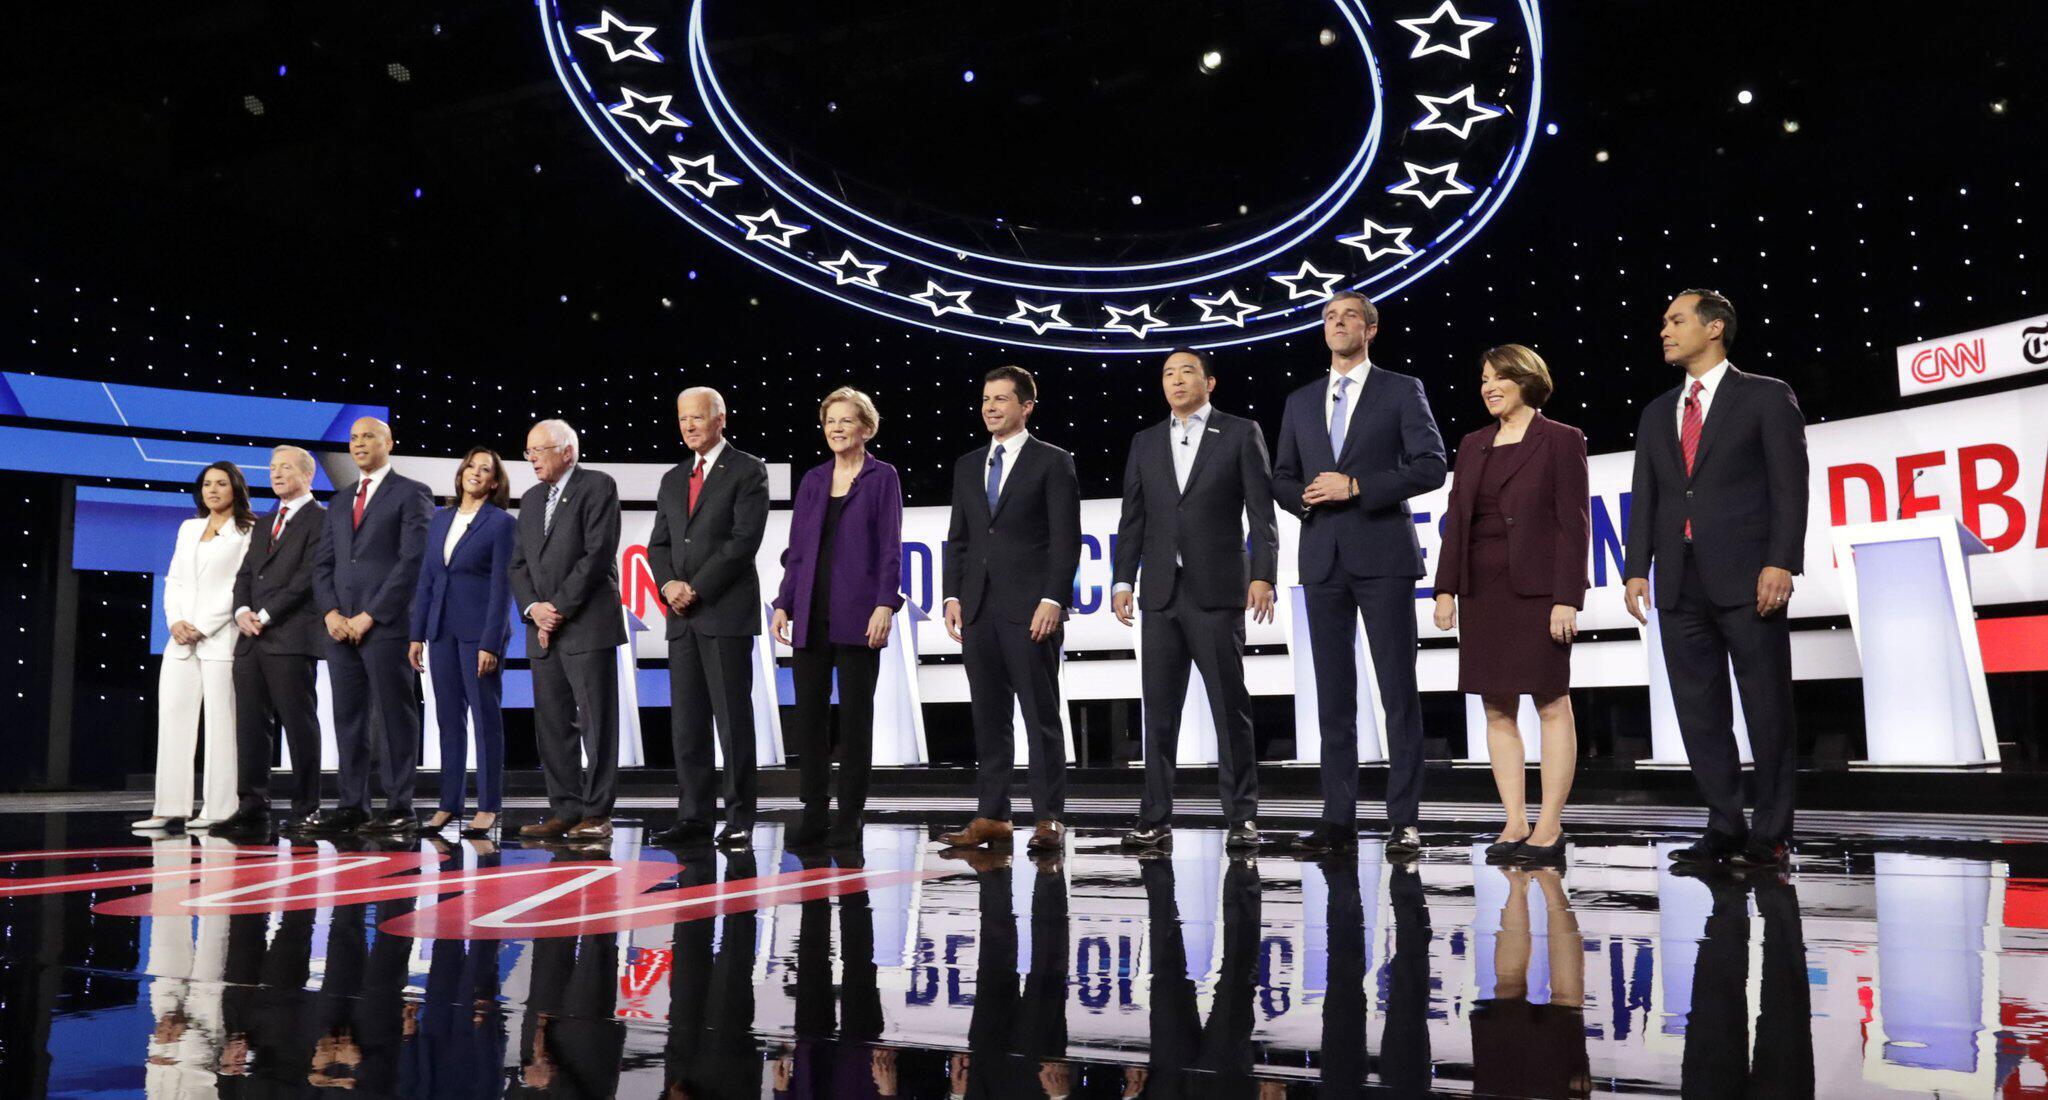 Bild zu Wahlkampf in den USA - 4. TV-Debatte der Demokraten